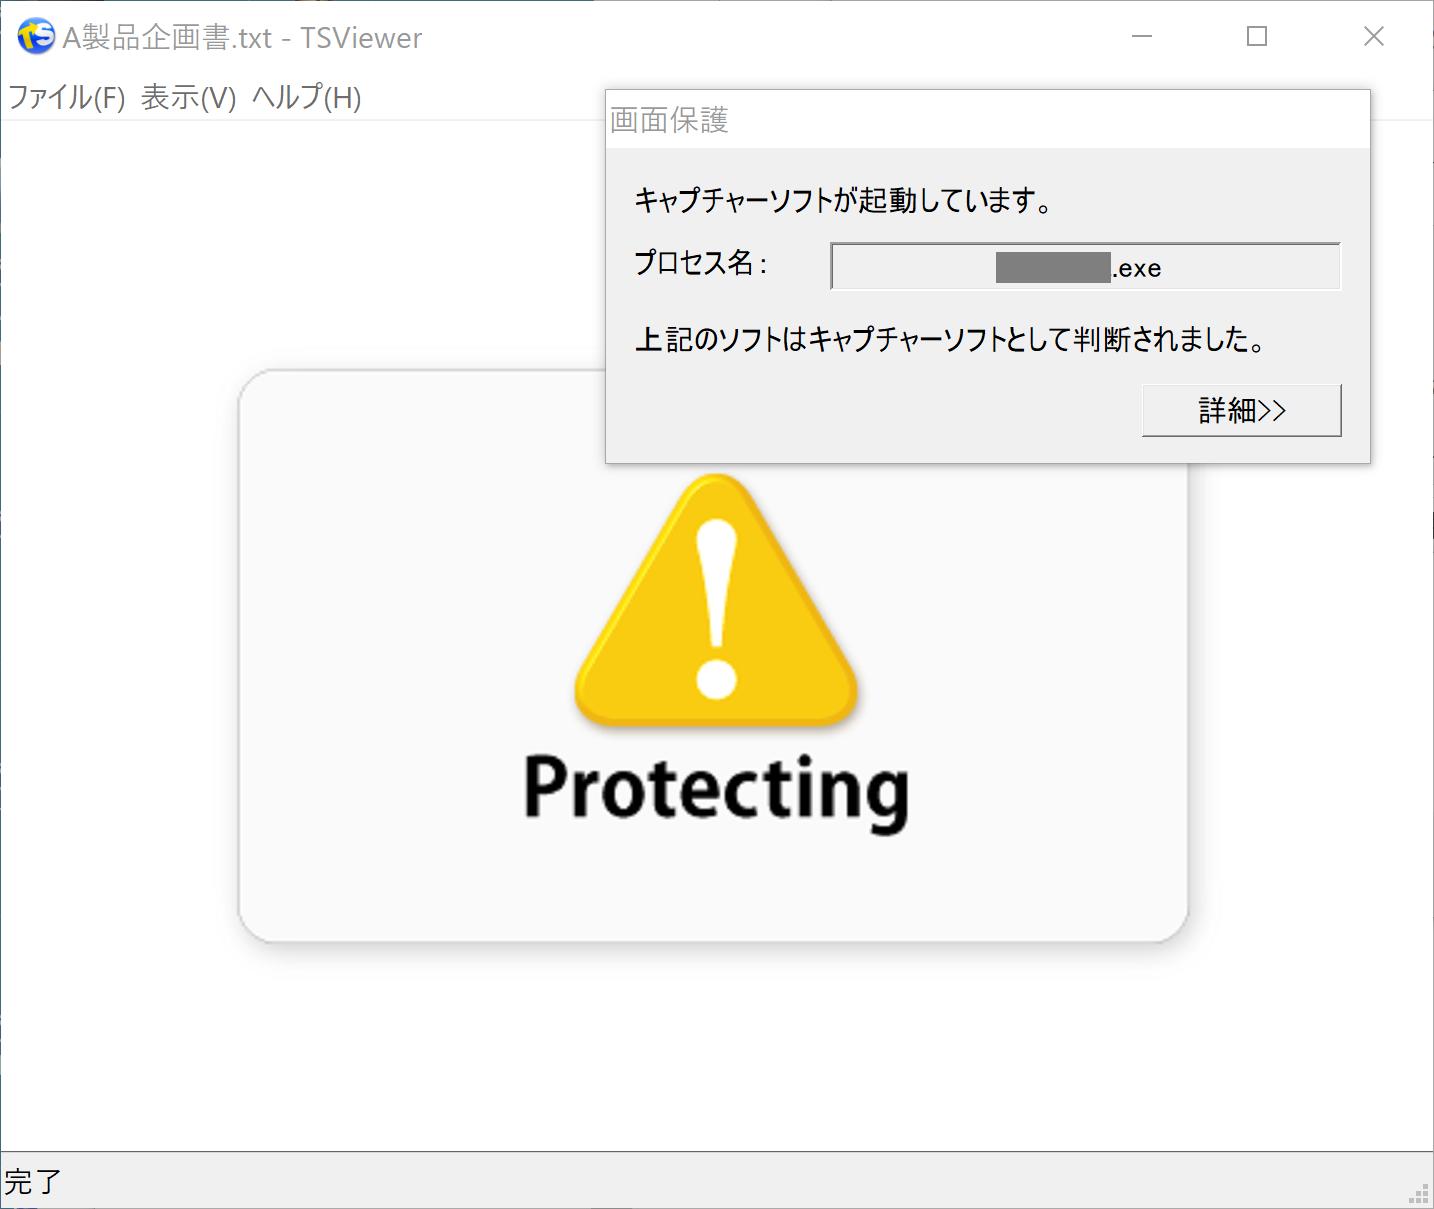 プリントスクリーンキーやキャプチャーソフトを無効にしてデータ保護